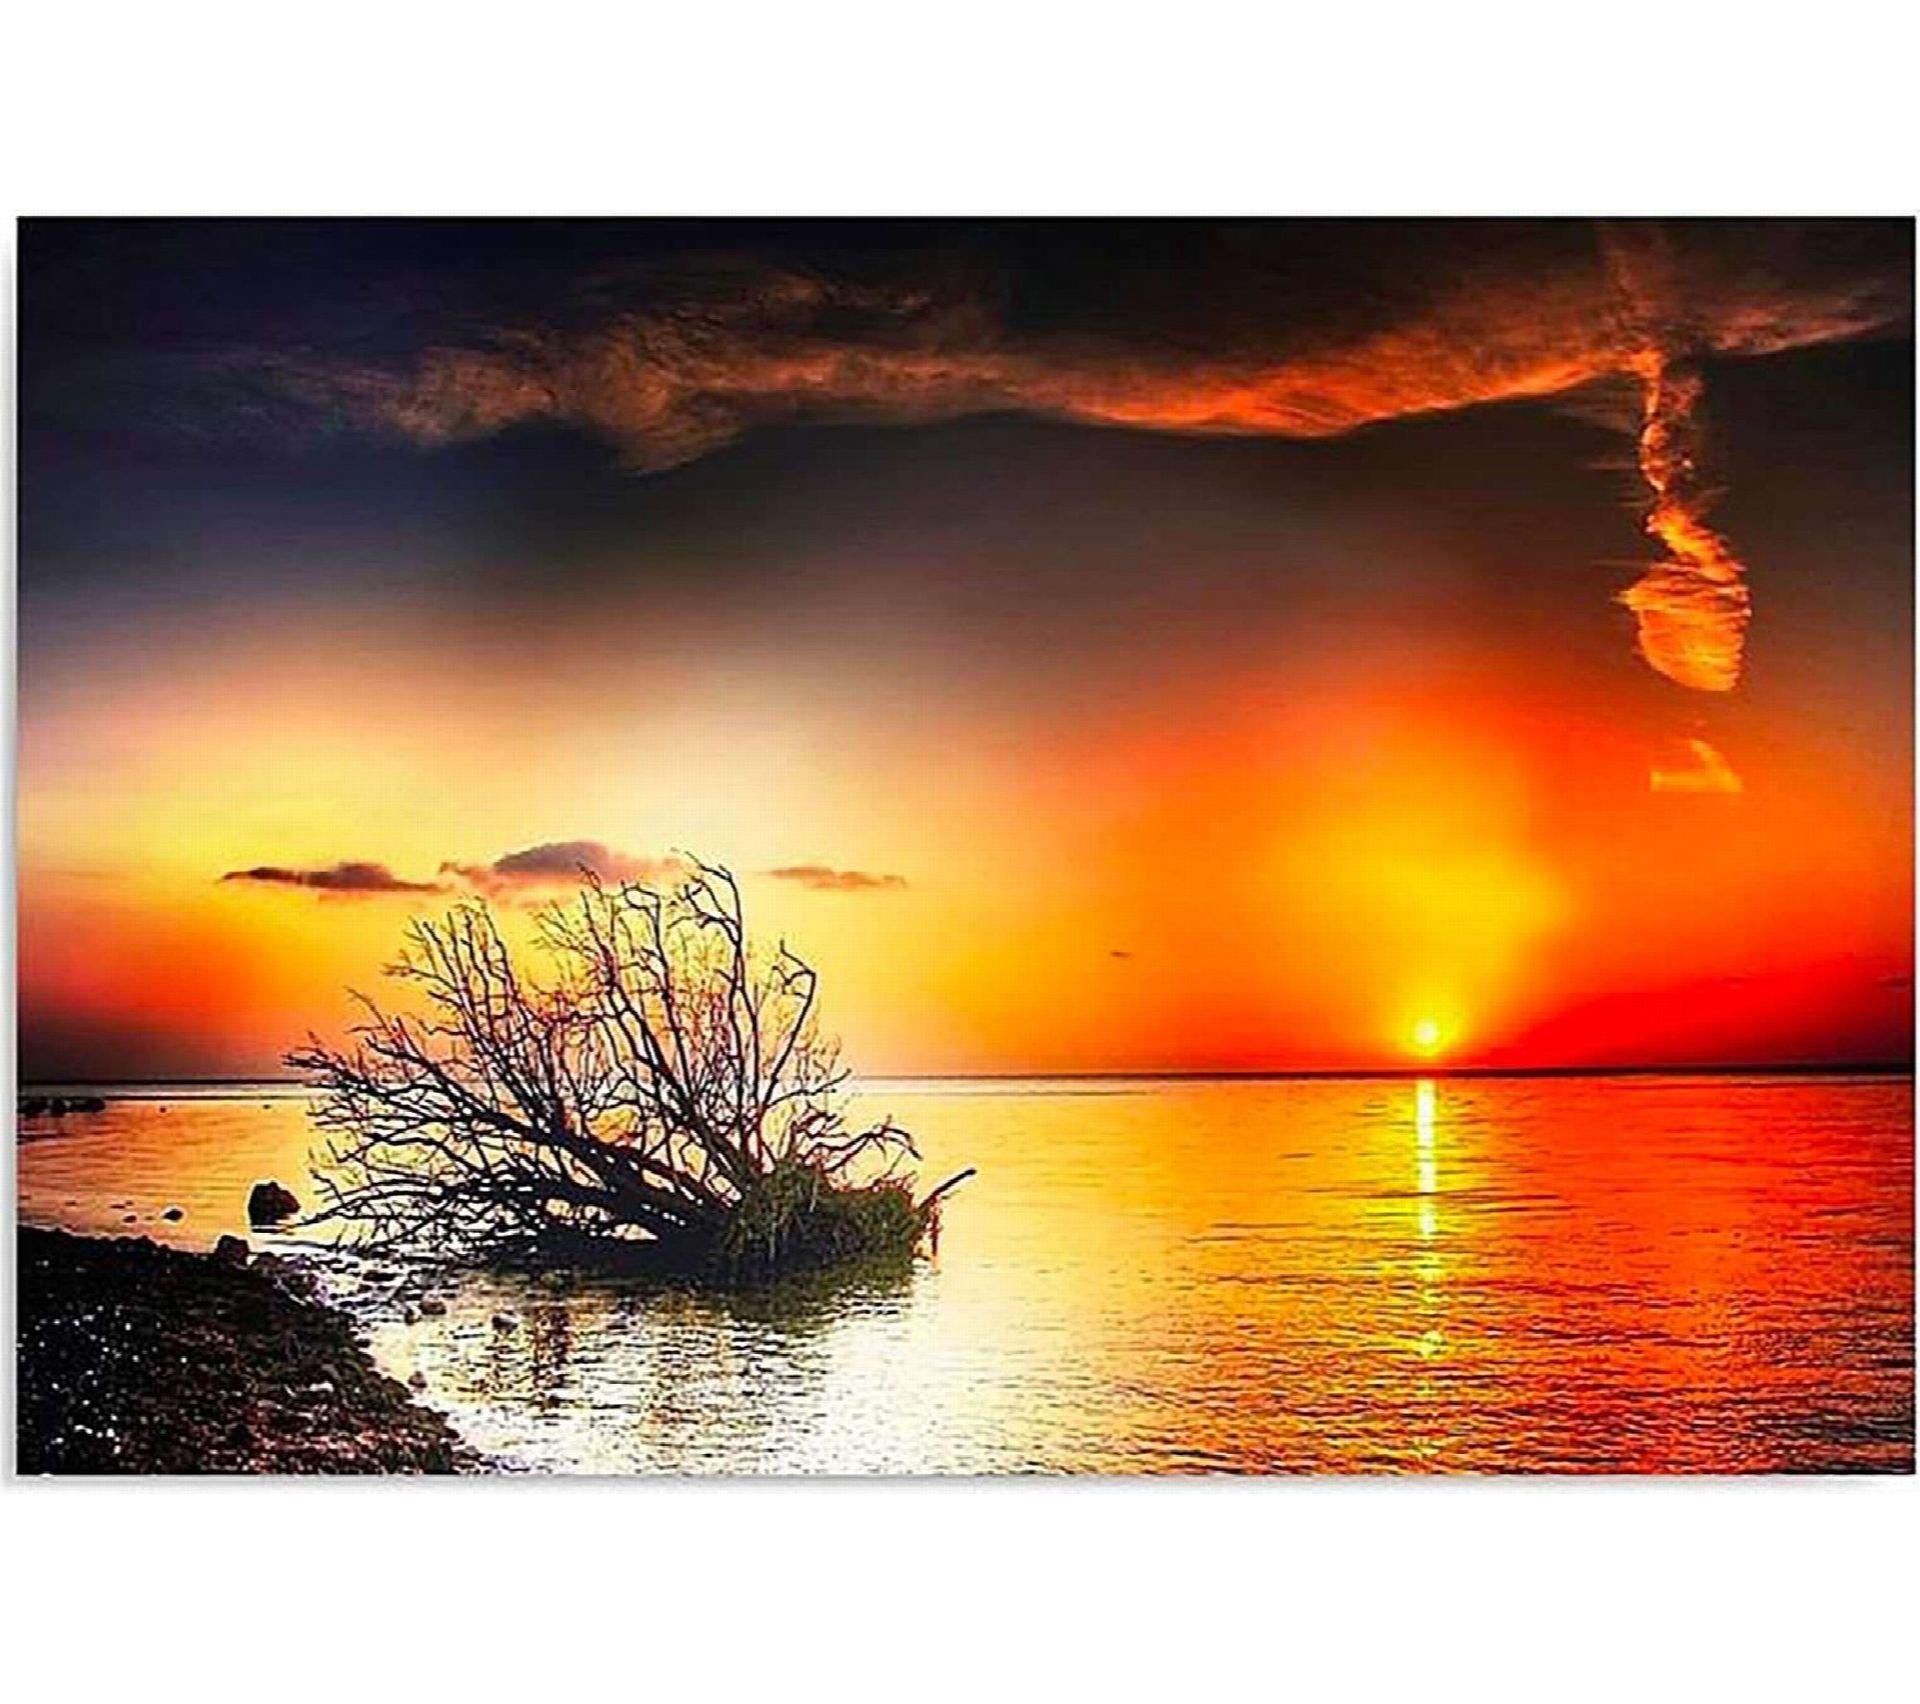 Tableau Coucher De Soleil Sur La Mer 4 50 X 40 Cm Tableau